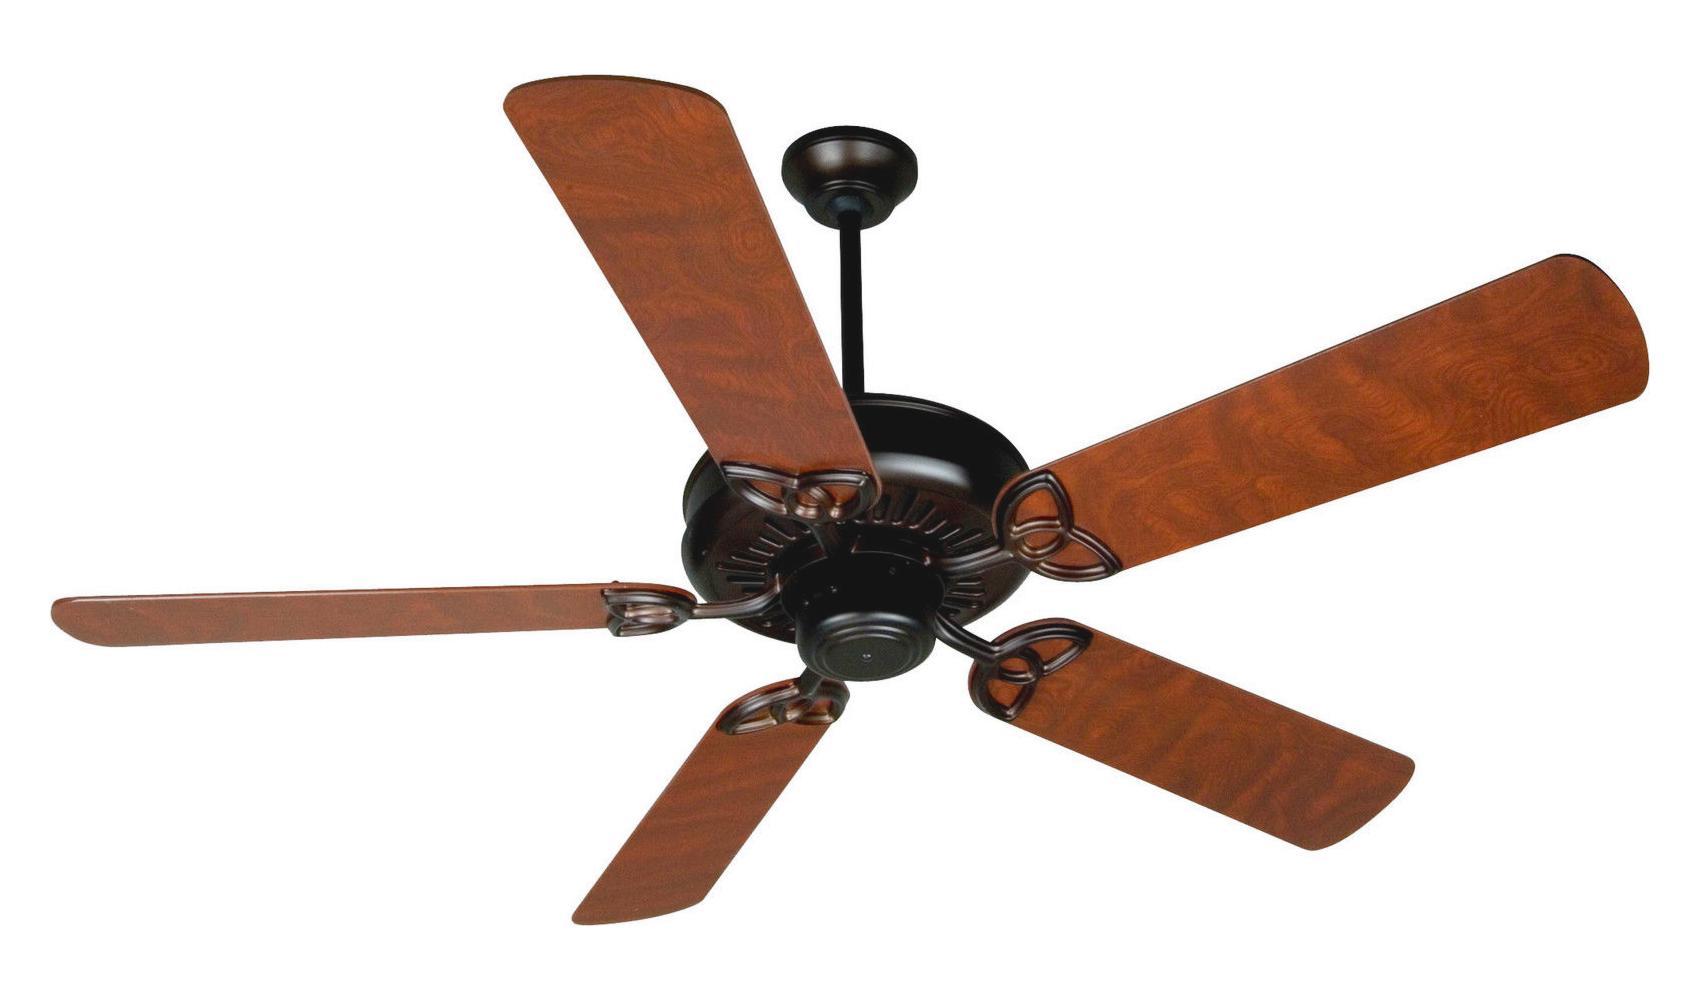 ceiling fan model ac-552 photo - 3